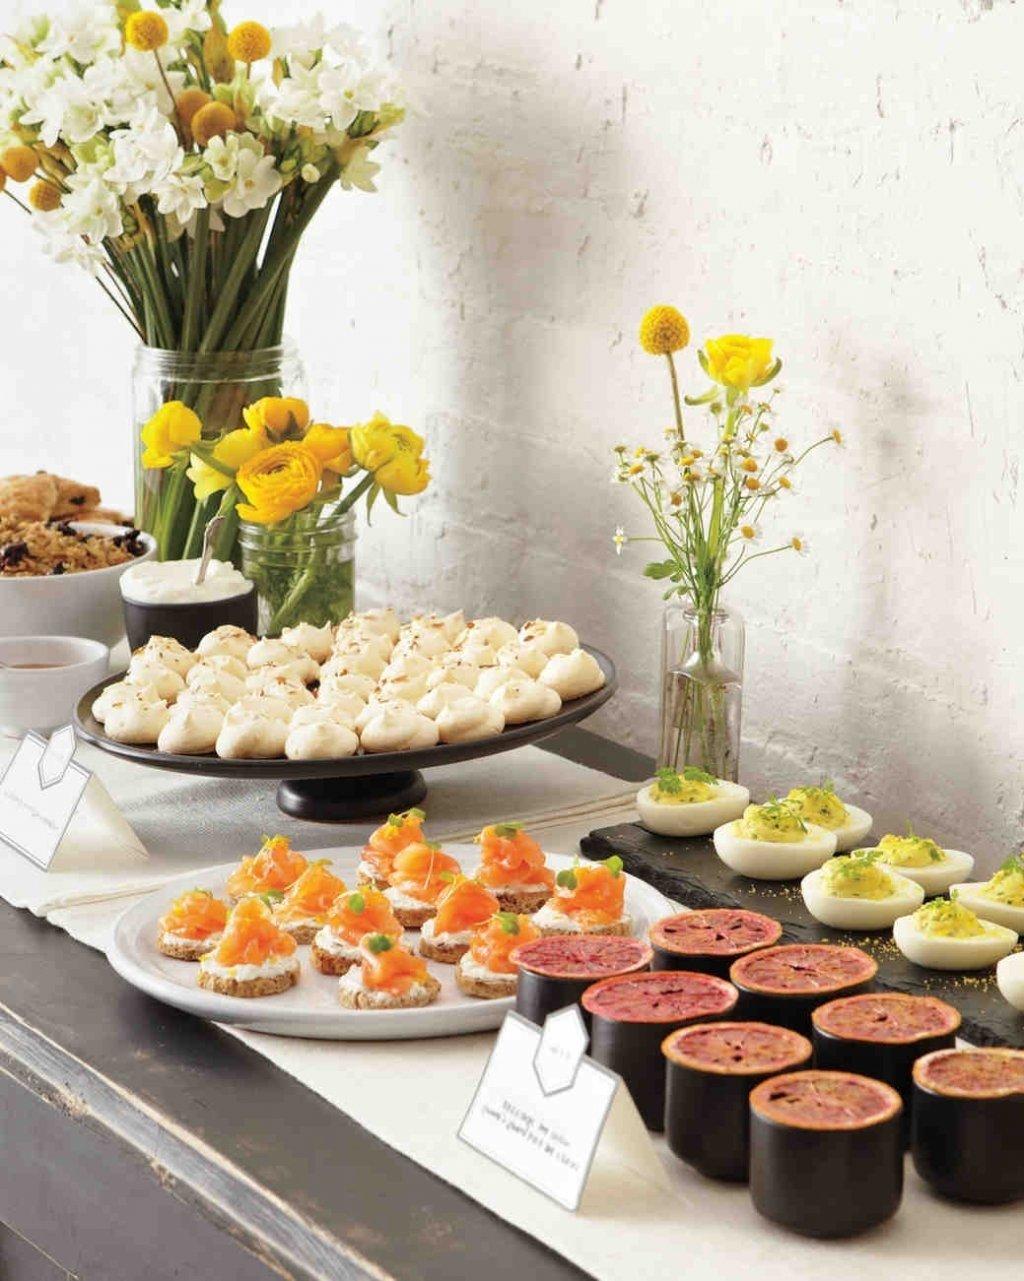 10 Best Martha Stewart Bridal Shower Ideas how to plan a bridal shower martha stewart weddings 50th wedding 2 2020